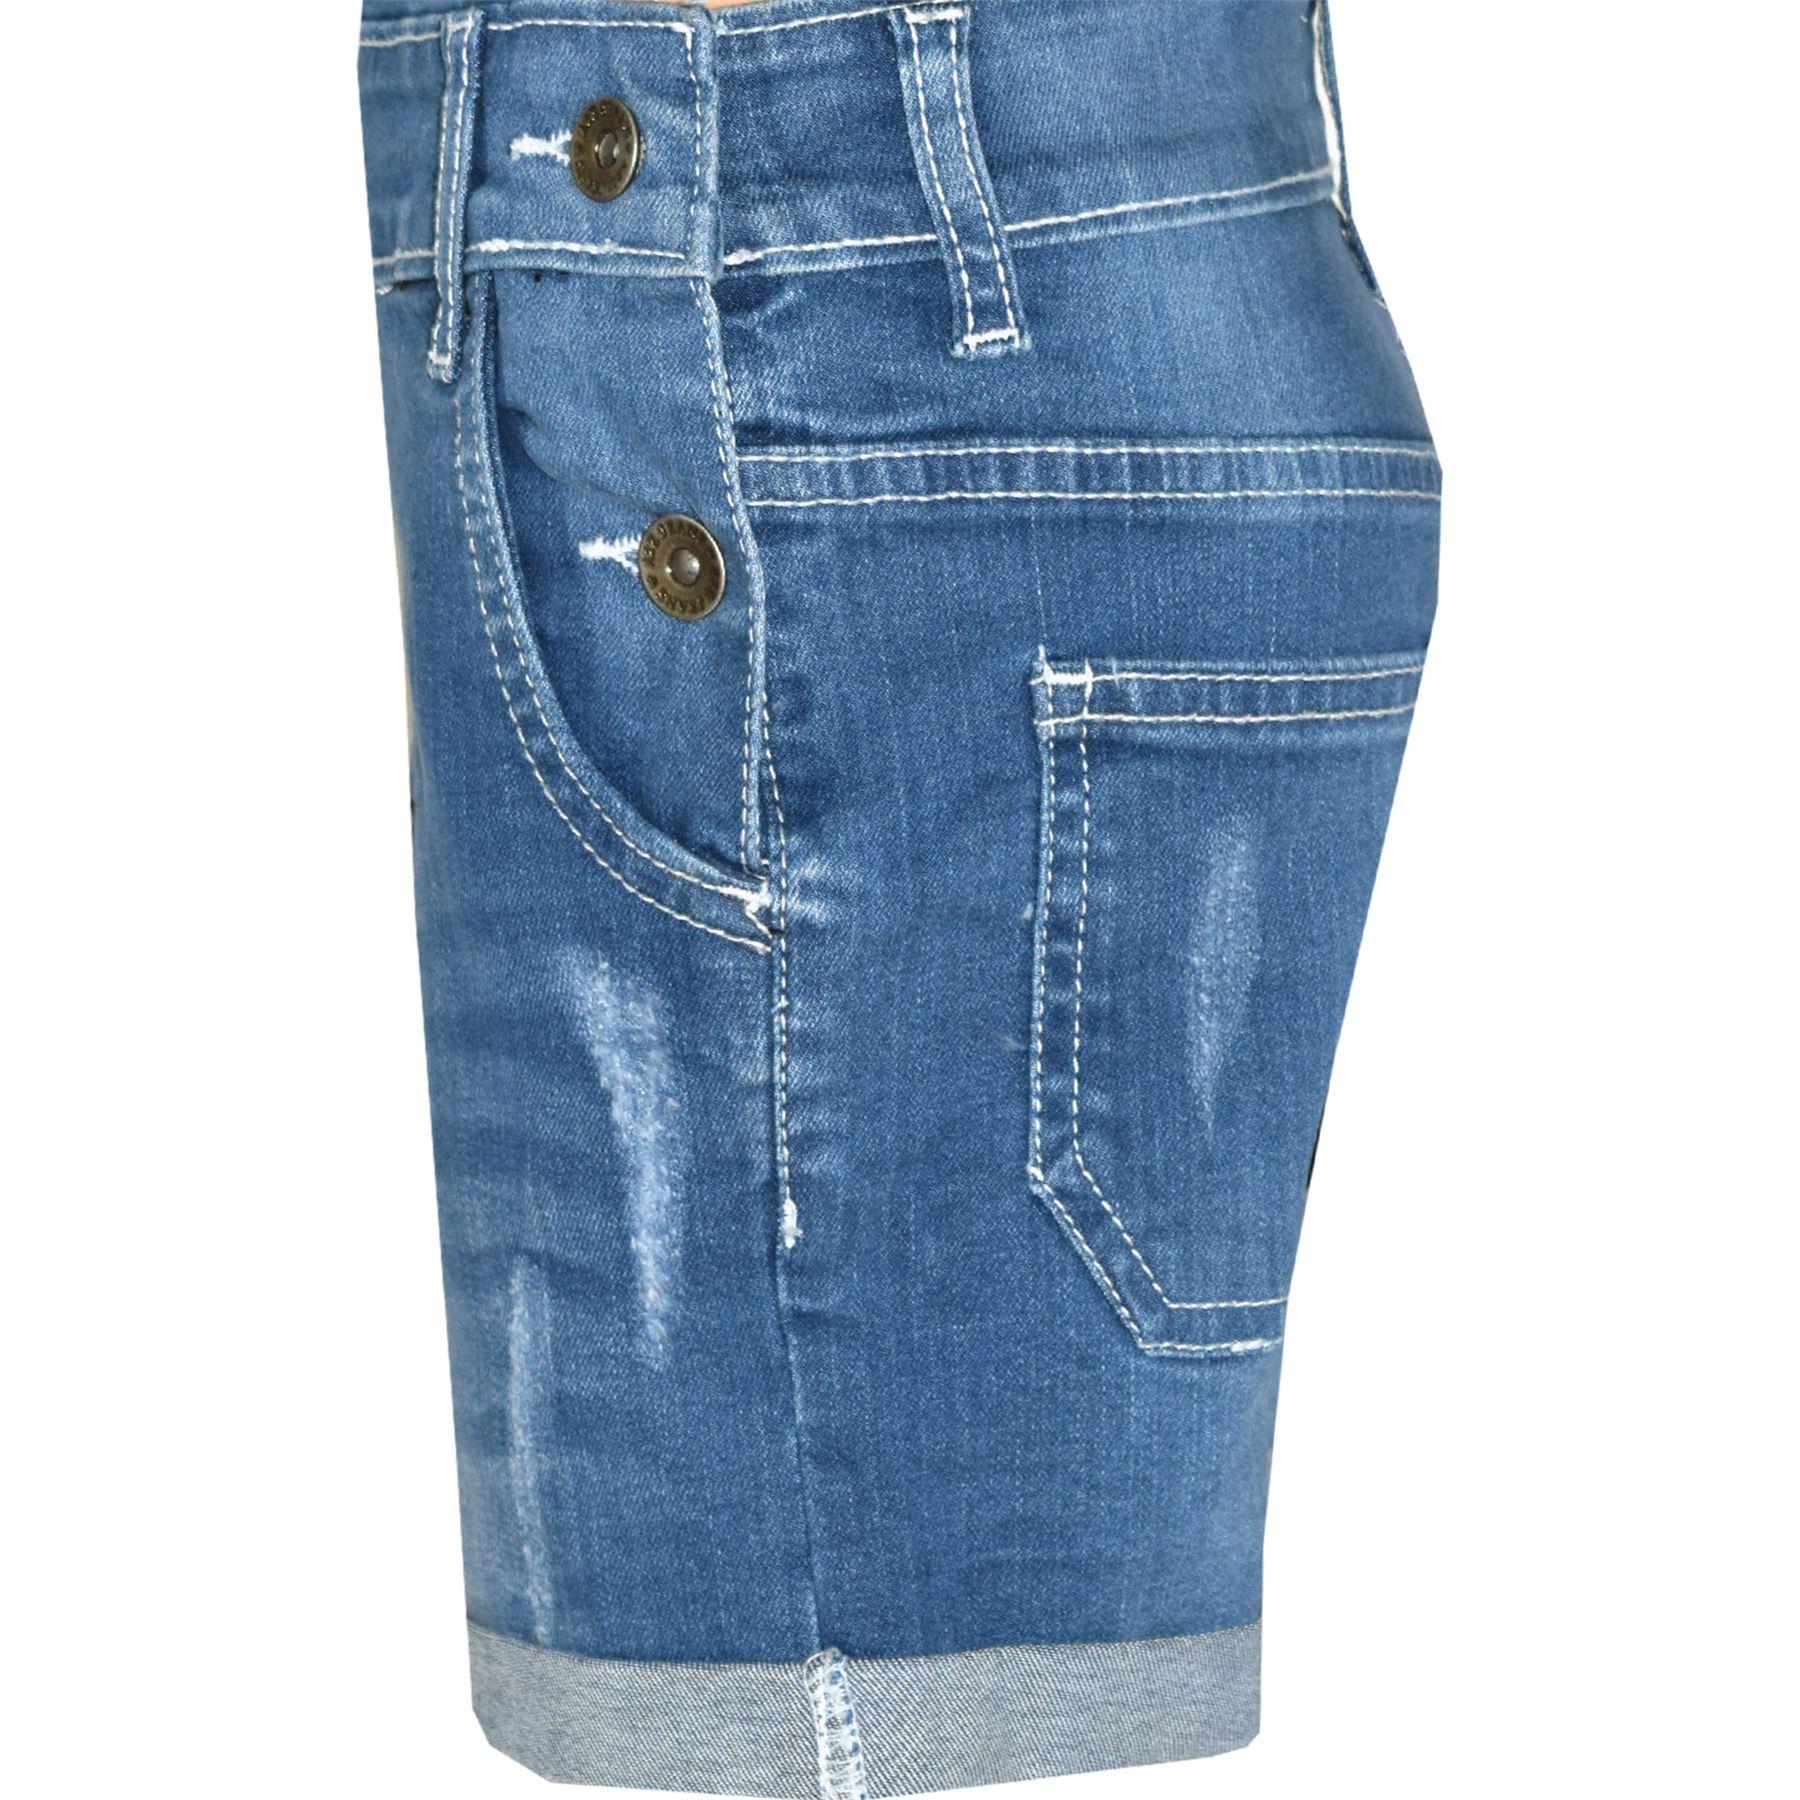 Indexbild 17 - Kinder Mädchen Latzhose Shorts Denim Gerippt Stretch Jeans Overall 5-13 Jahr